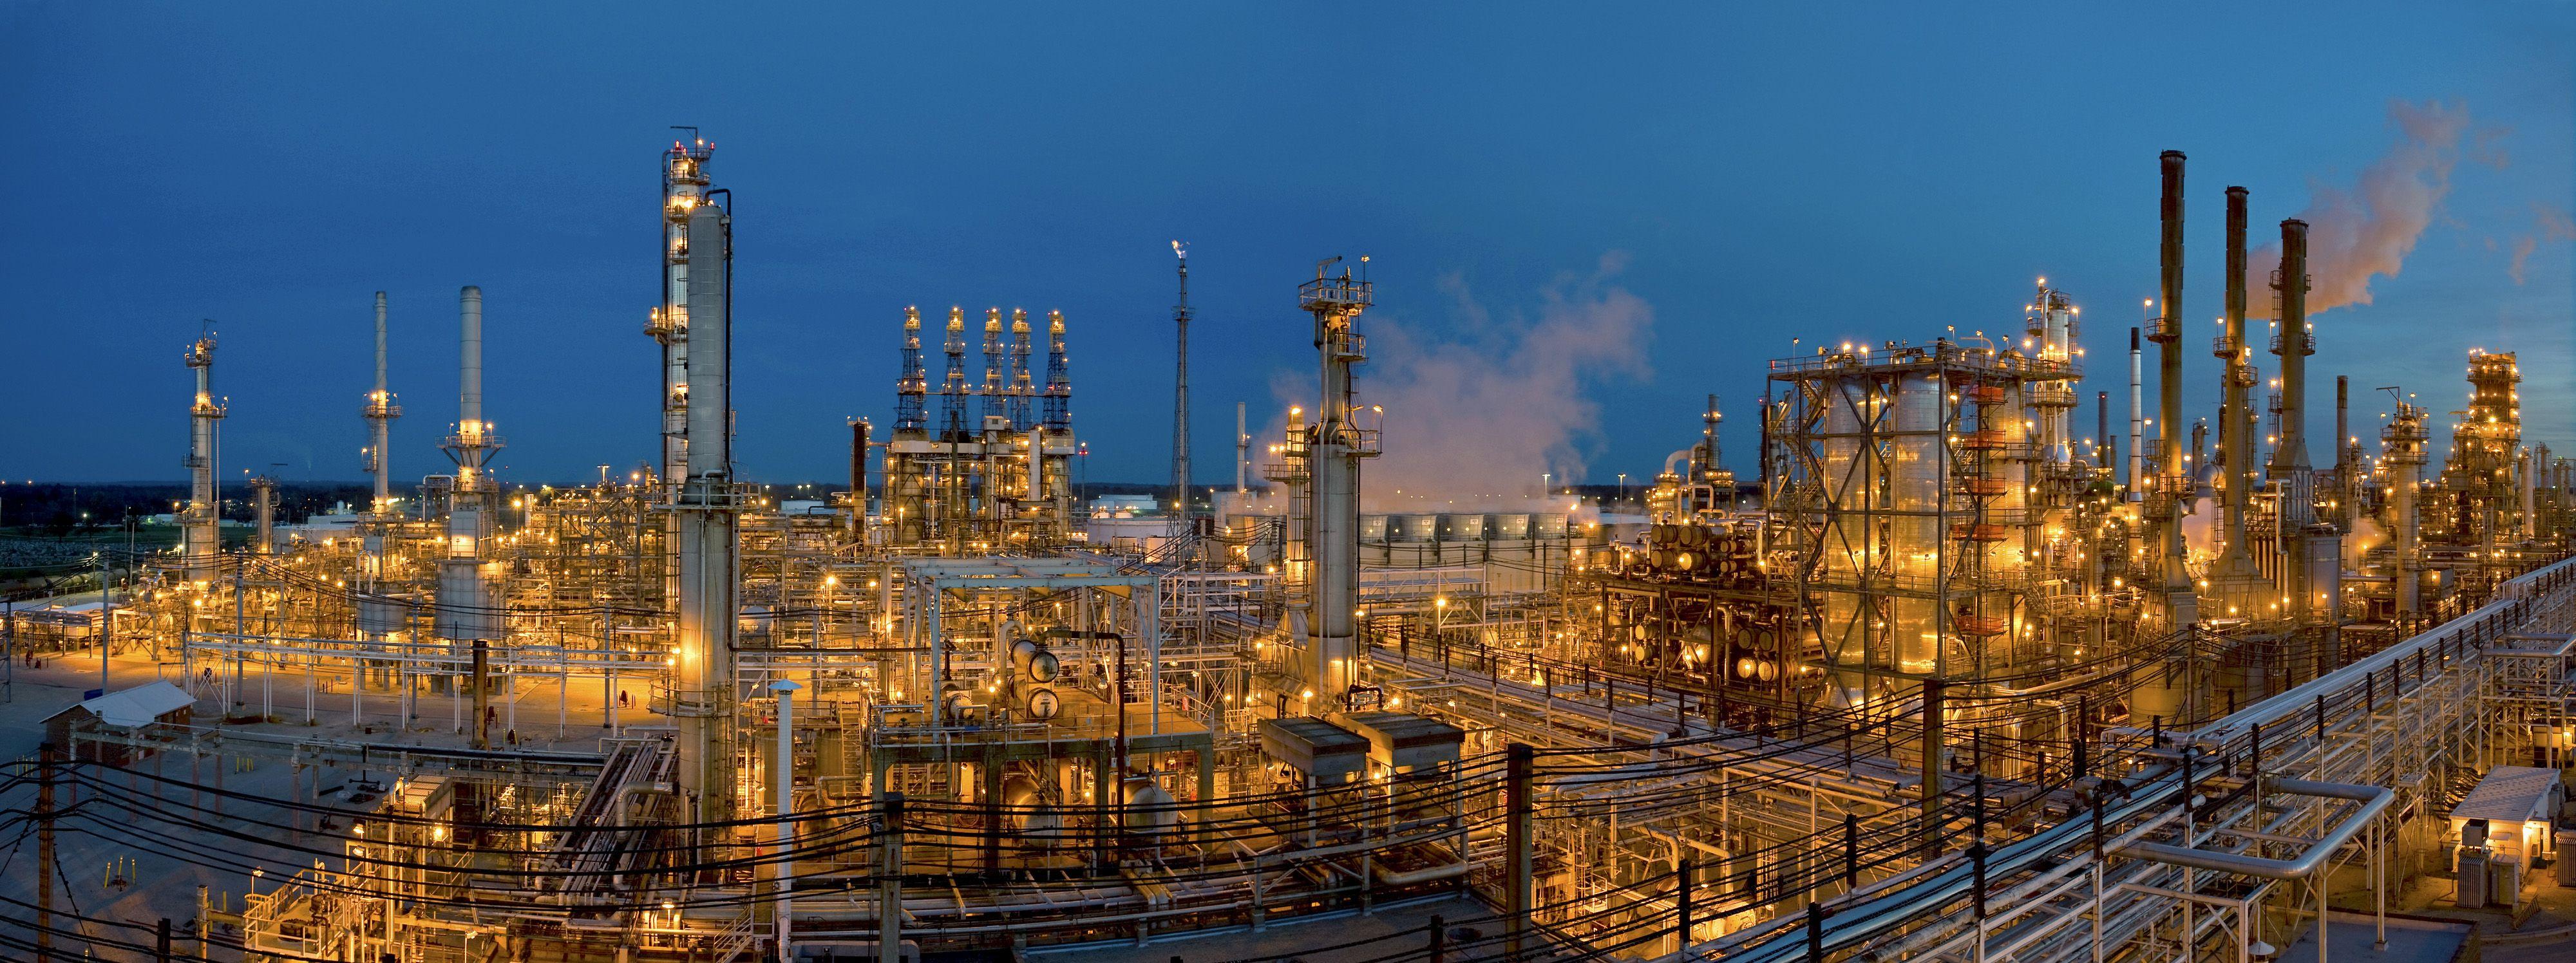 Catlettsburg Oil Refinery, Kentucky Cool Stuff